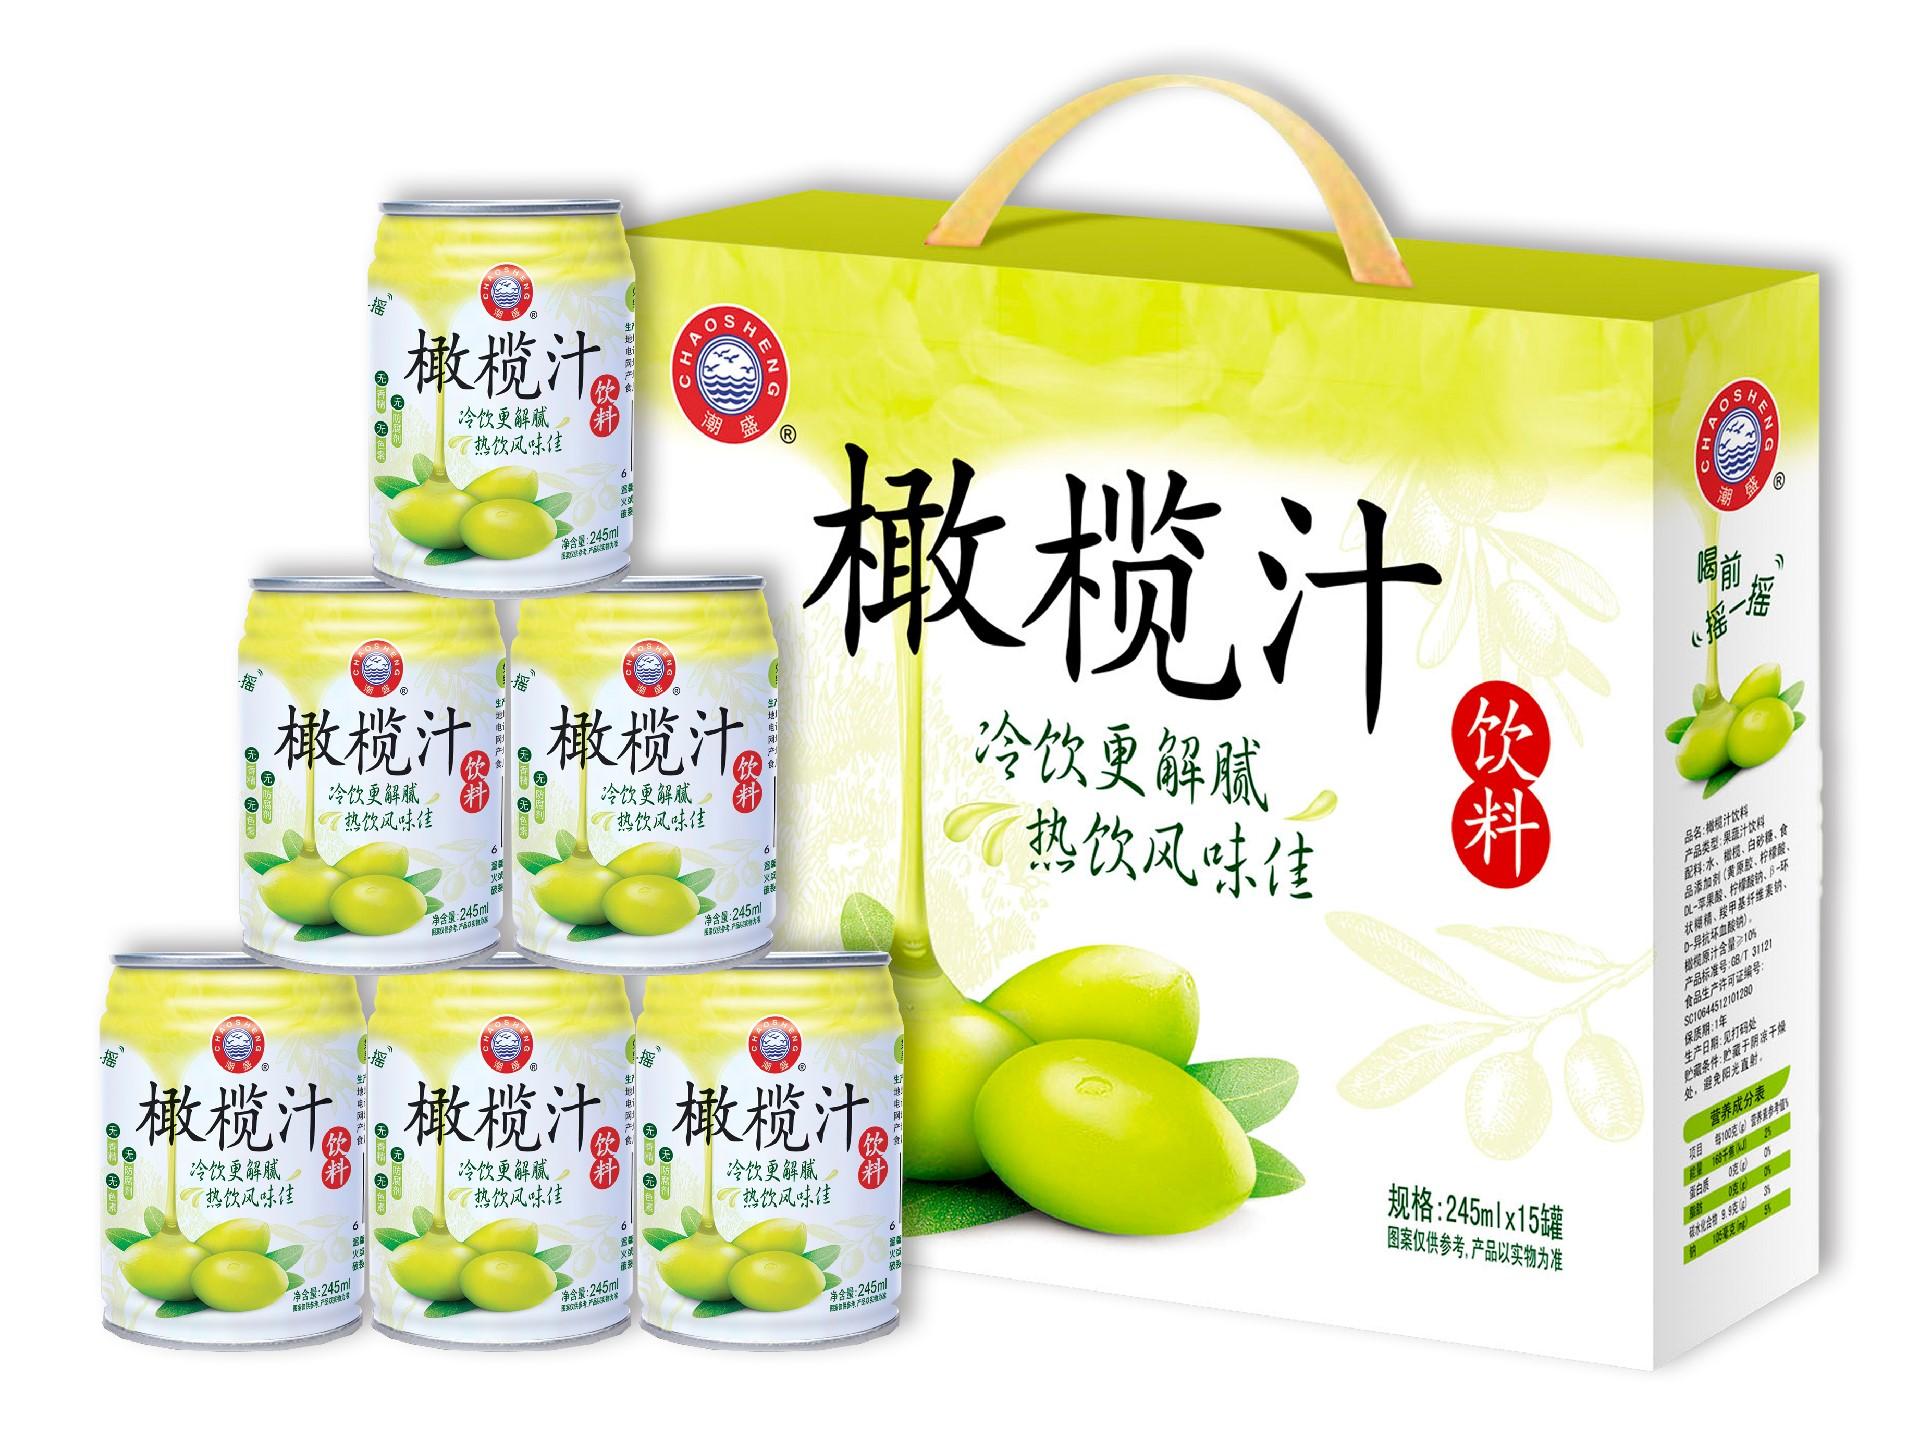 新品上市——橄榄汁